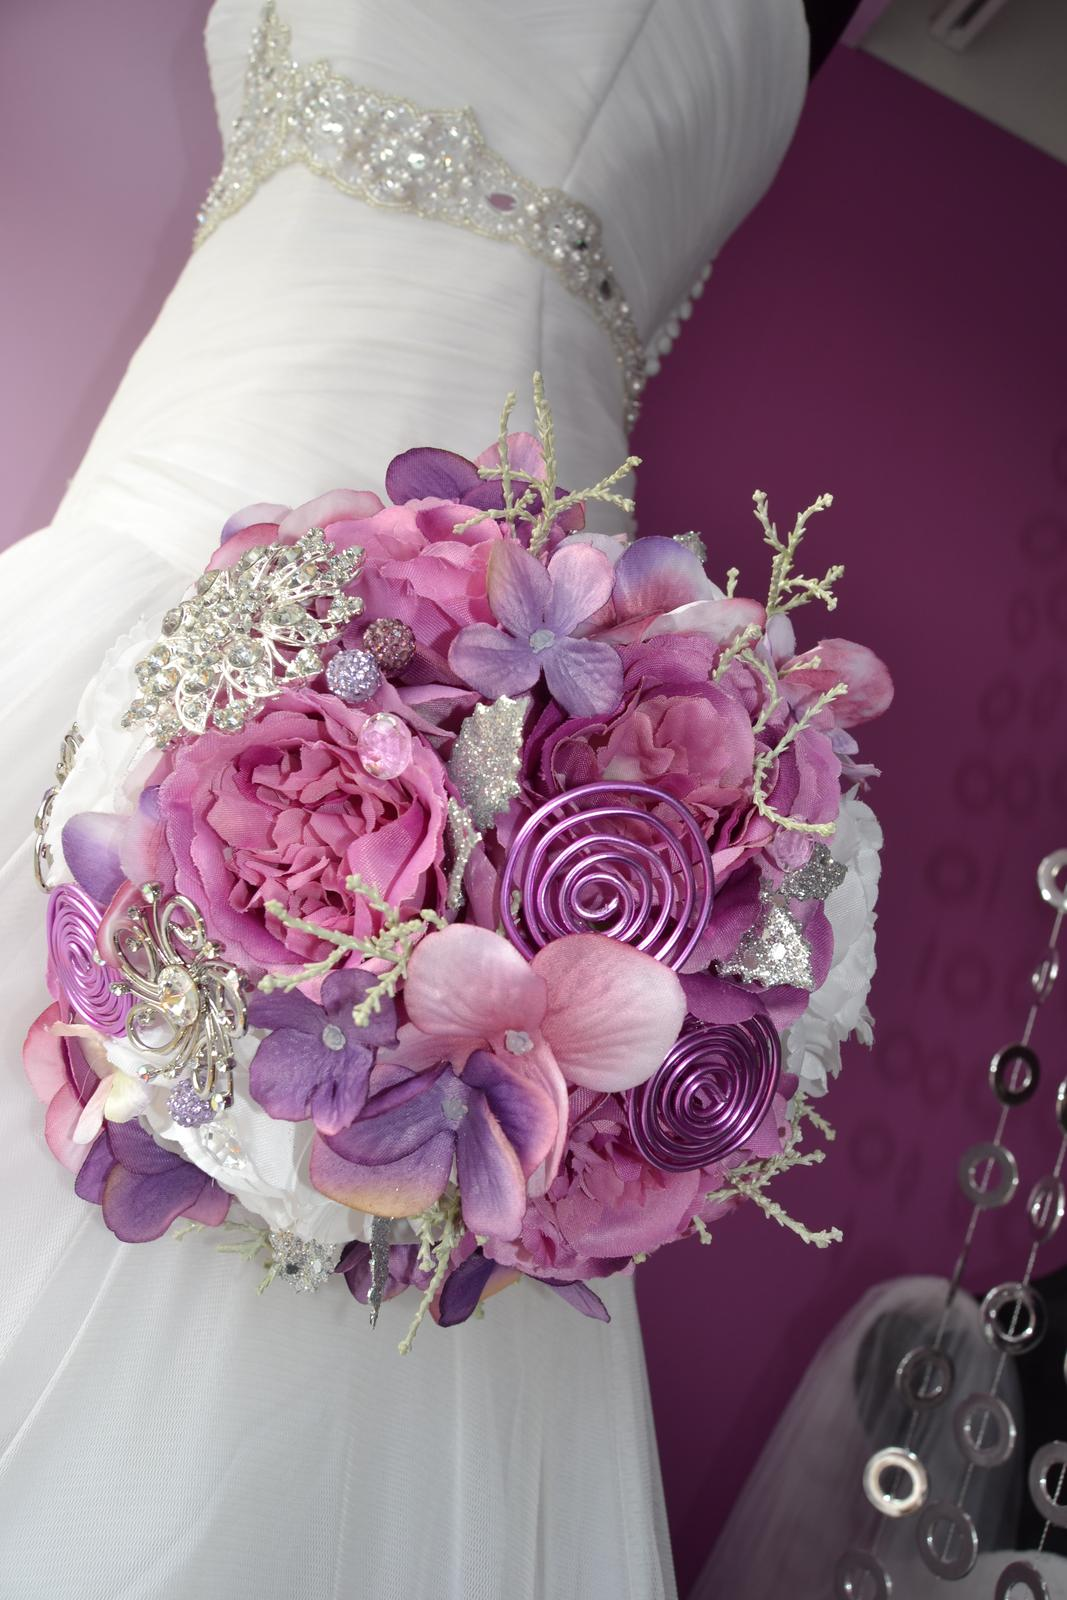 Látkové umělé svatební kytice-info - Obrázek č. 1